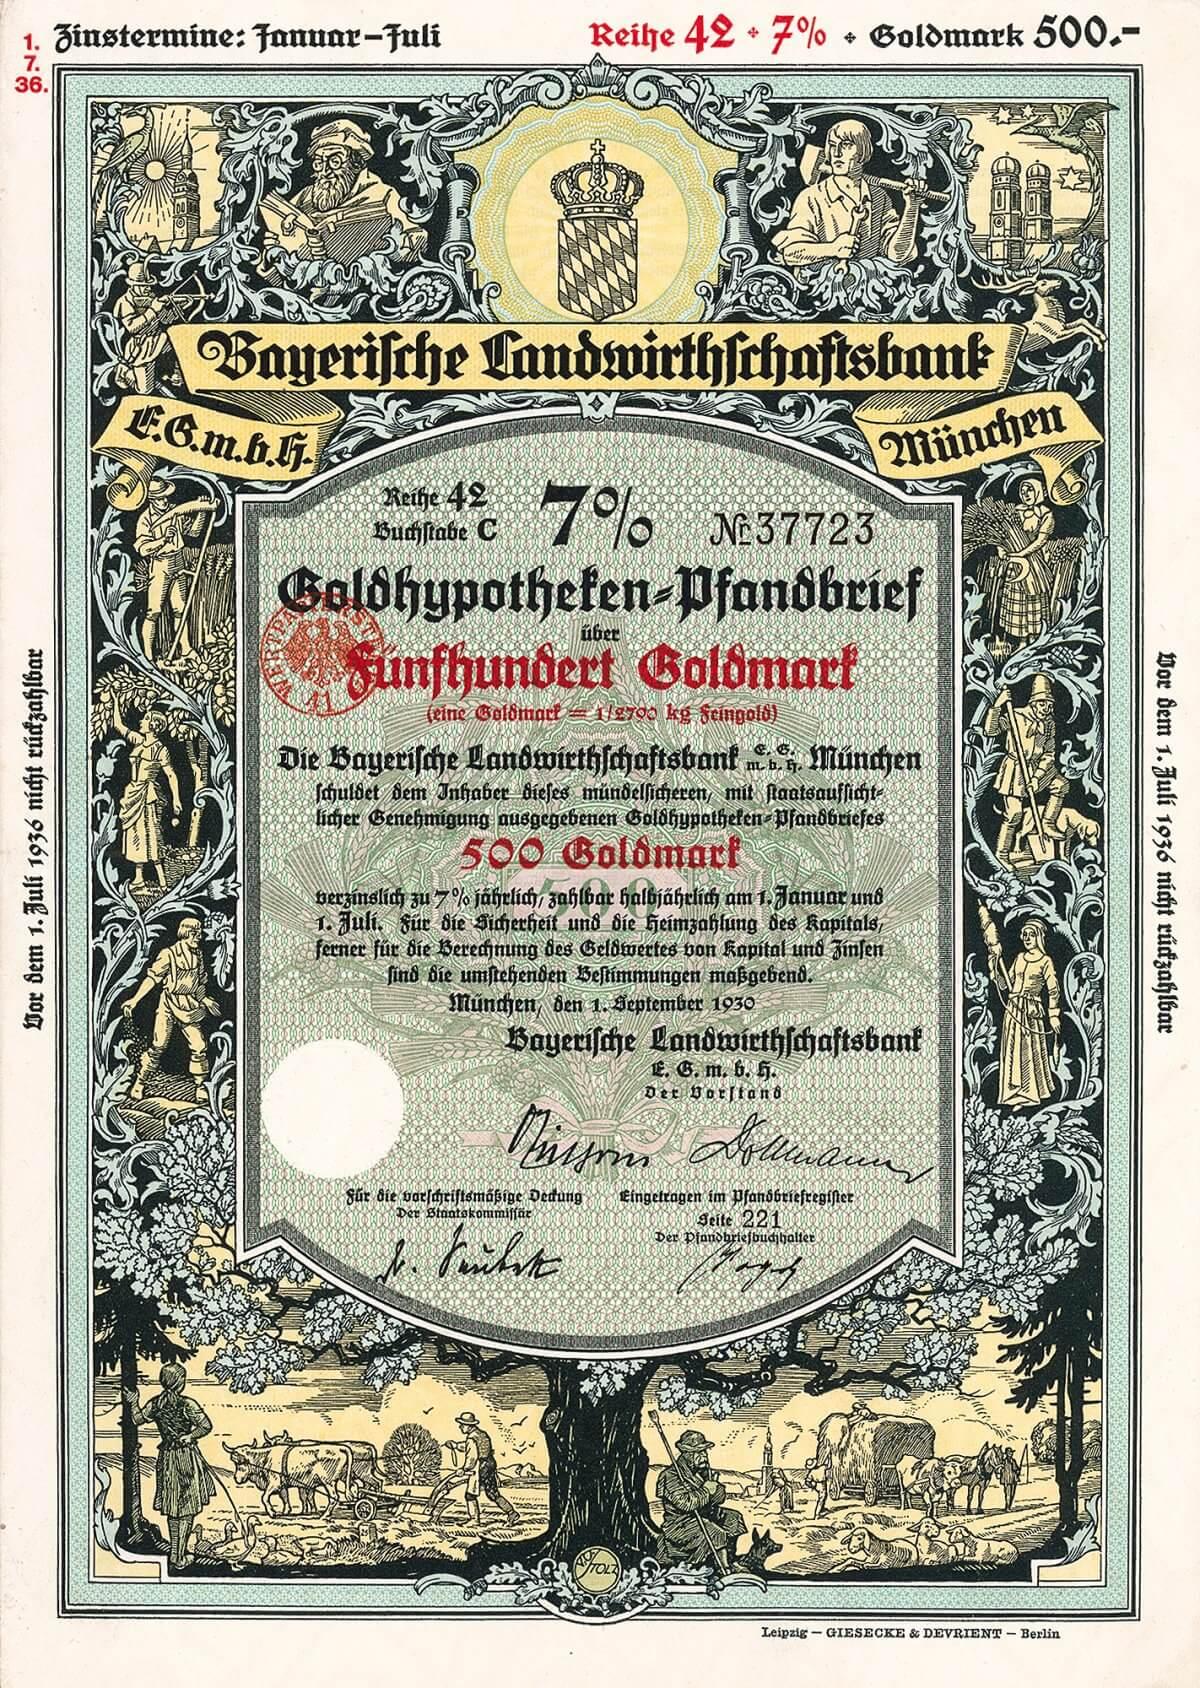 Bayerische Landwirthschaftsbank eGmbH, München, Goldpfandbrief über 500 Goldmark von 1930. Die dekorativsten jemals in Deutschland ausgegebenen Pfandbriefe, mit Künstlermonogramm V. O. Stolz nach einem früheren Entwurf des bekannten Münchener Grafikers Fritz Weinhöppel.